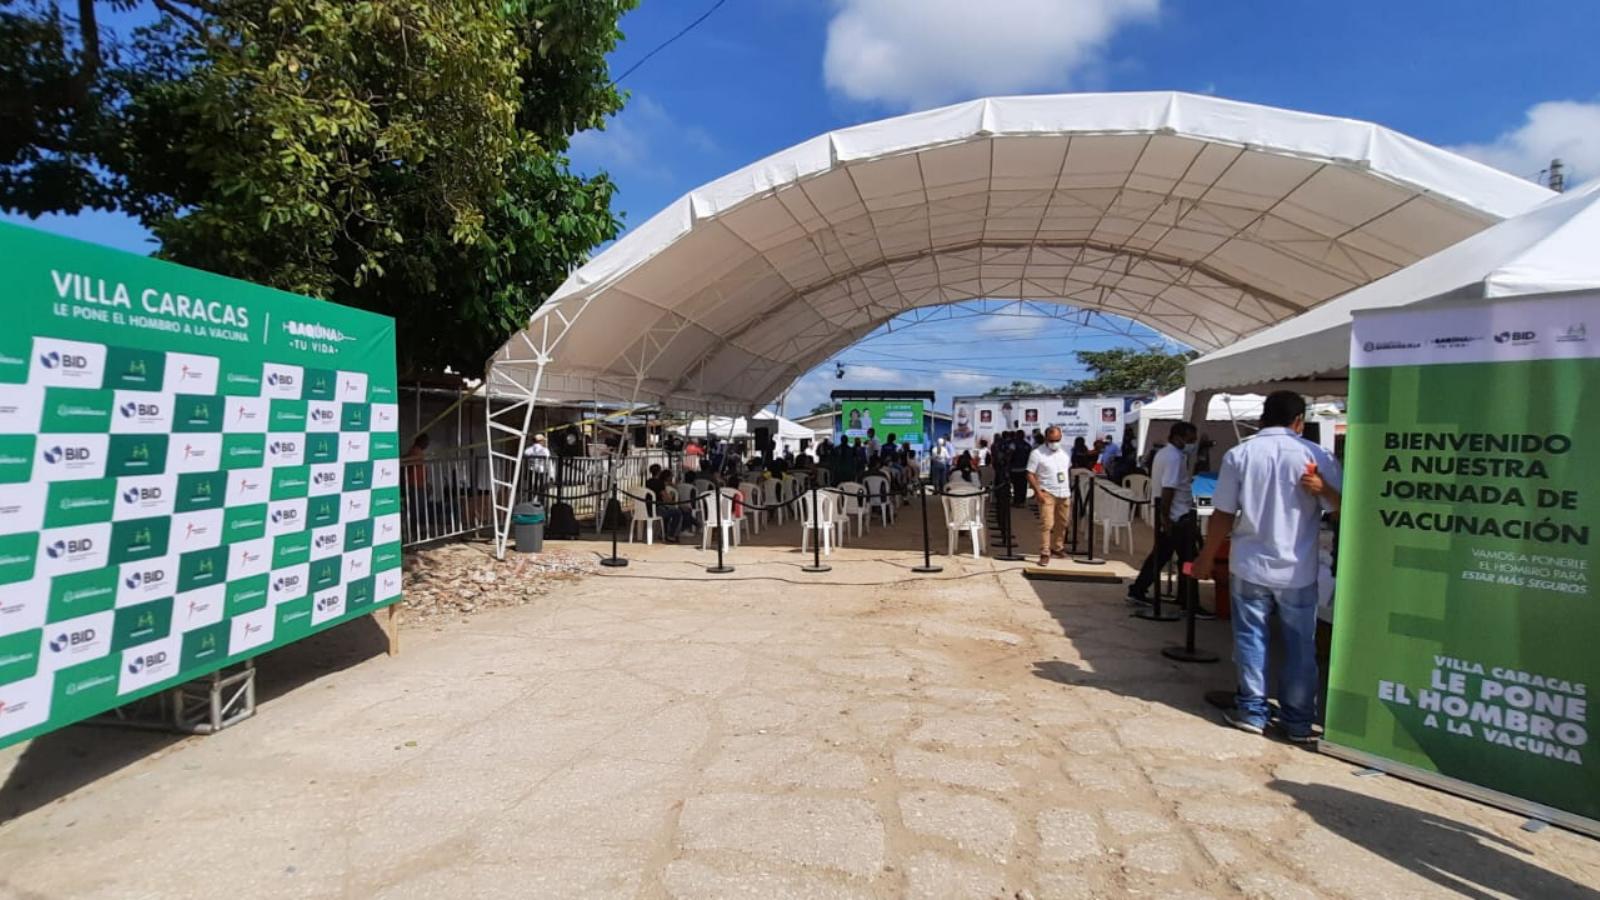 Vacunan contra la covid-19 a migrantes vulnerables en Barranquilla